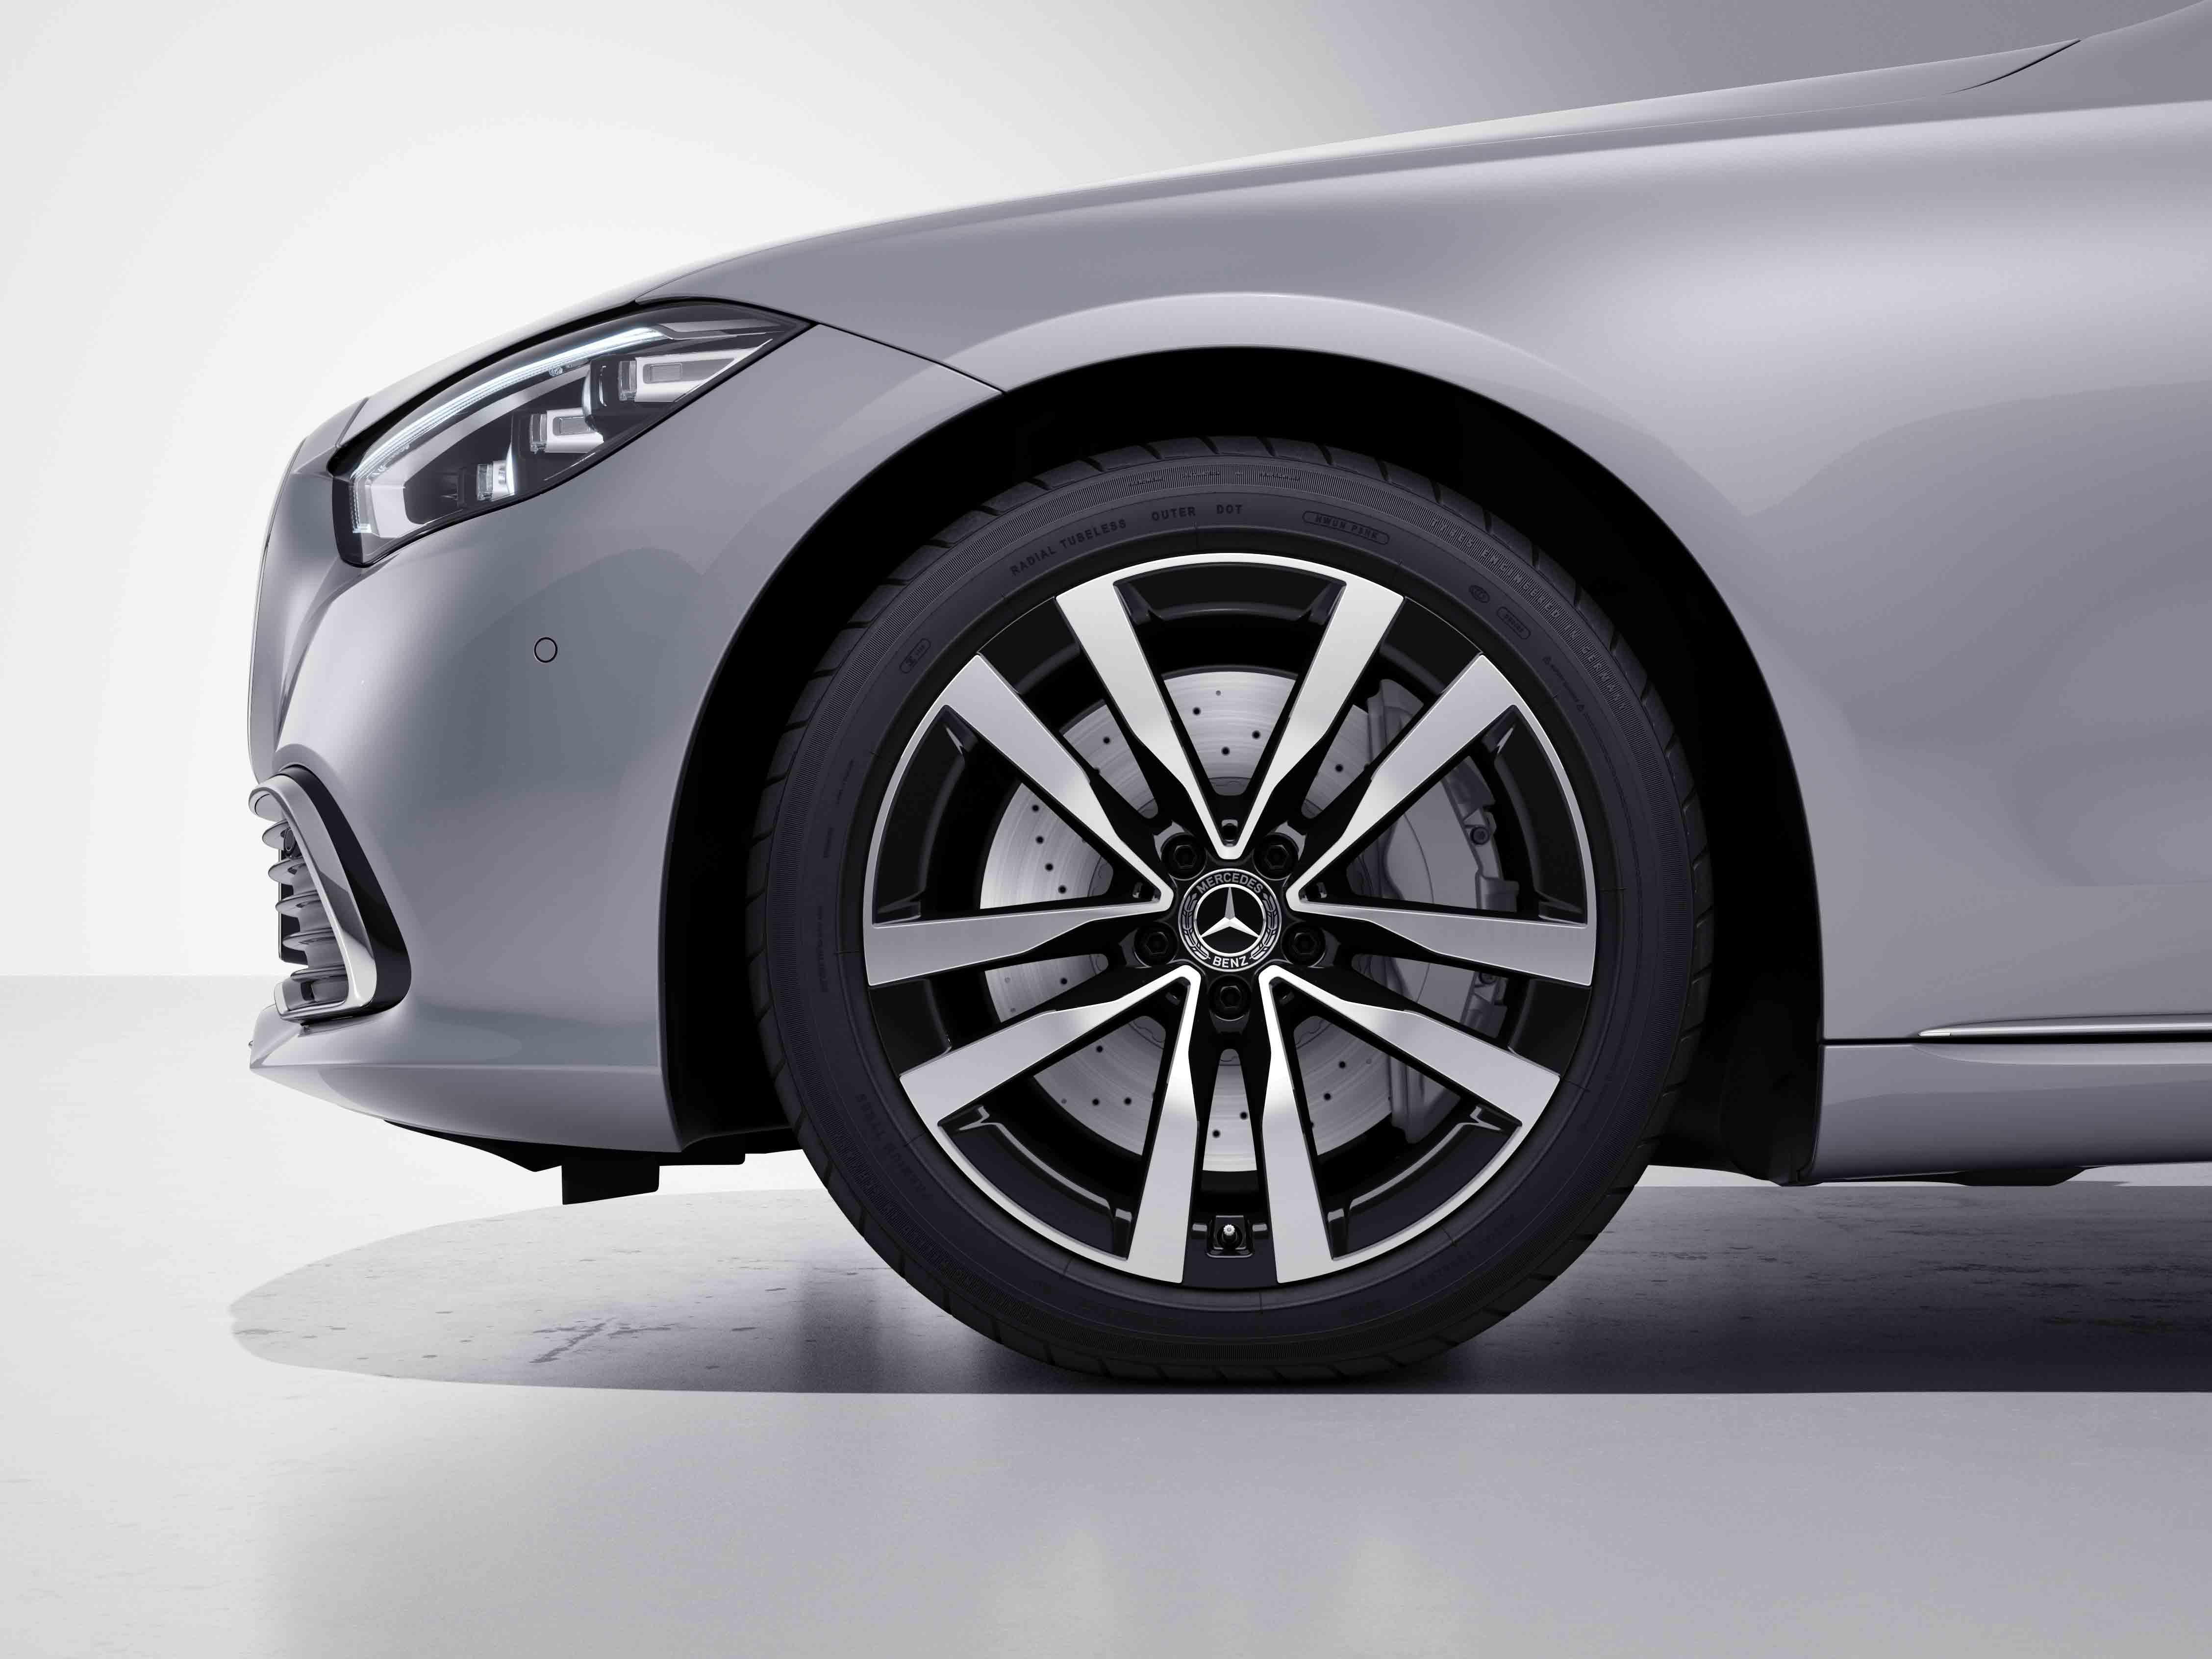 antes 20 multibranches de la Mercedes-Benz Classe S Limousine